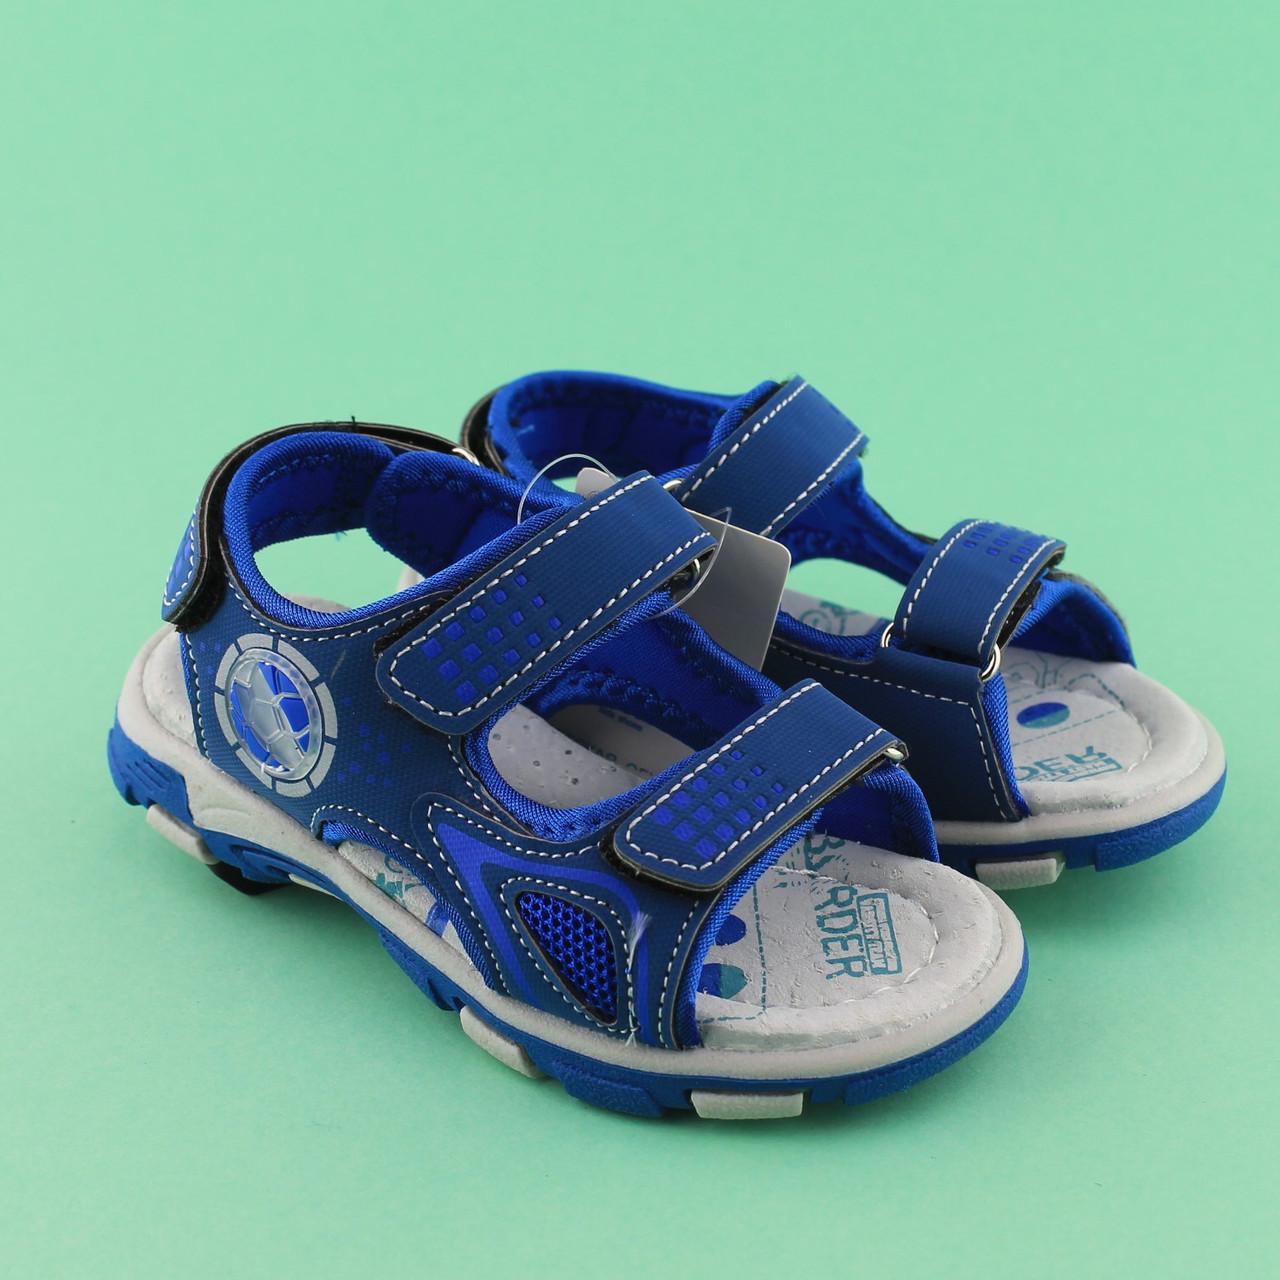 881e0ac6a Детские сандали на мальчика Спорт Том.М размер 25,26 - BonKids - детский